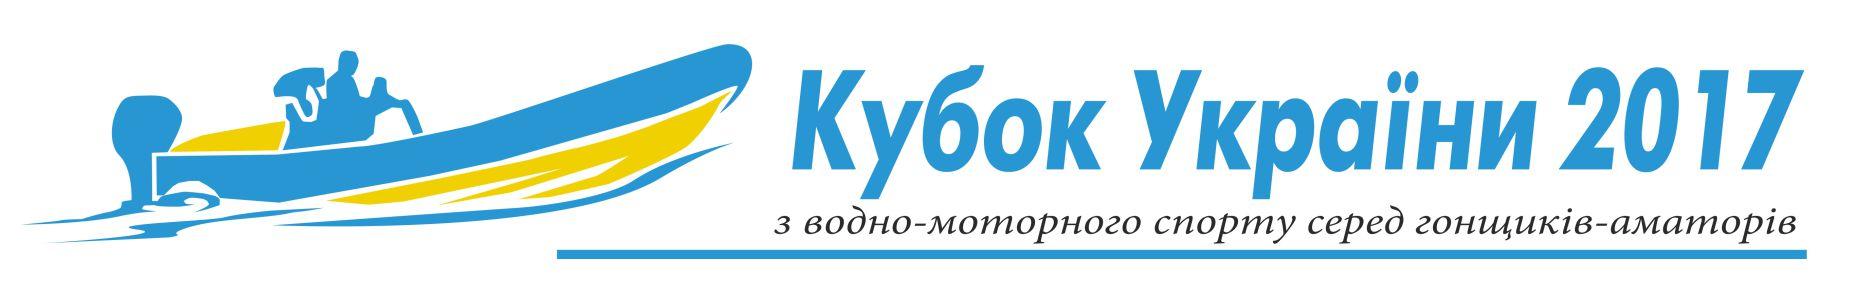 Кубок України з водно-моторного спорту 2017 року, гонки водно-моторные, кубок водно-моторного спорта